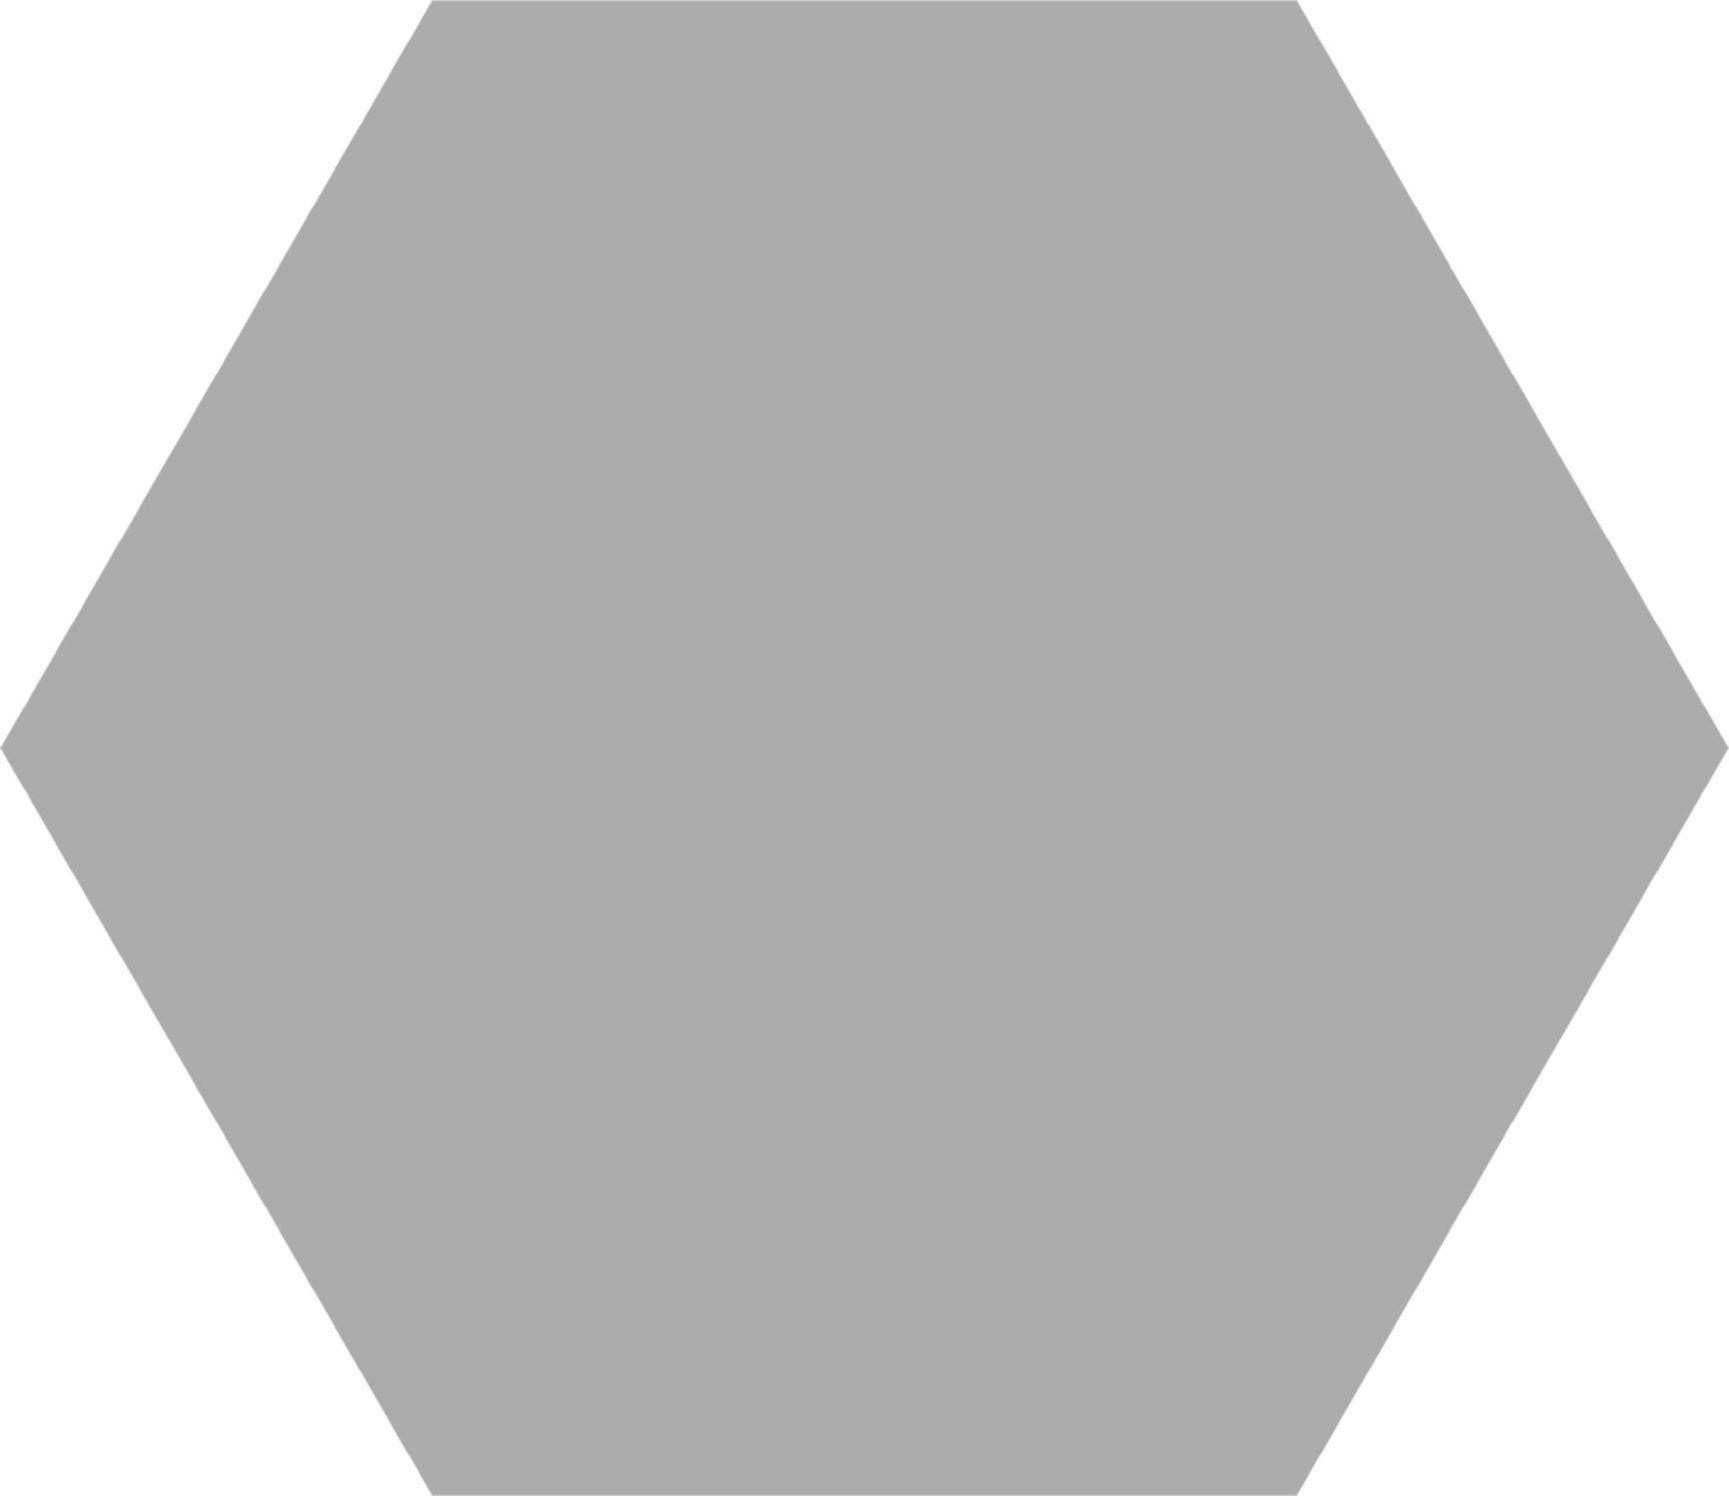 Hex 25 Basic Silver 22x25 Płytka heksagonalna